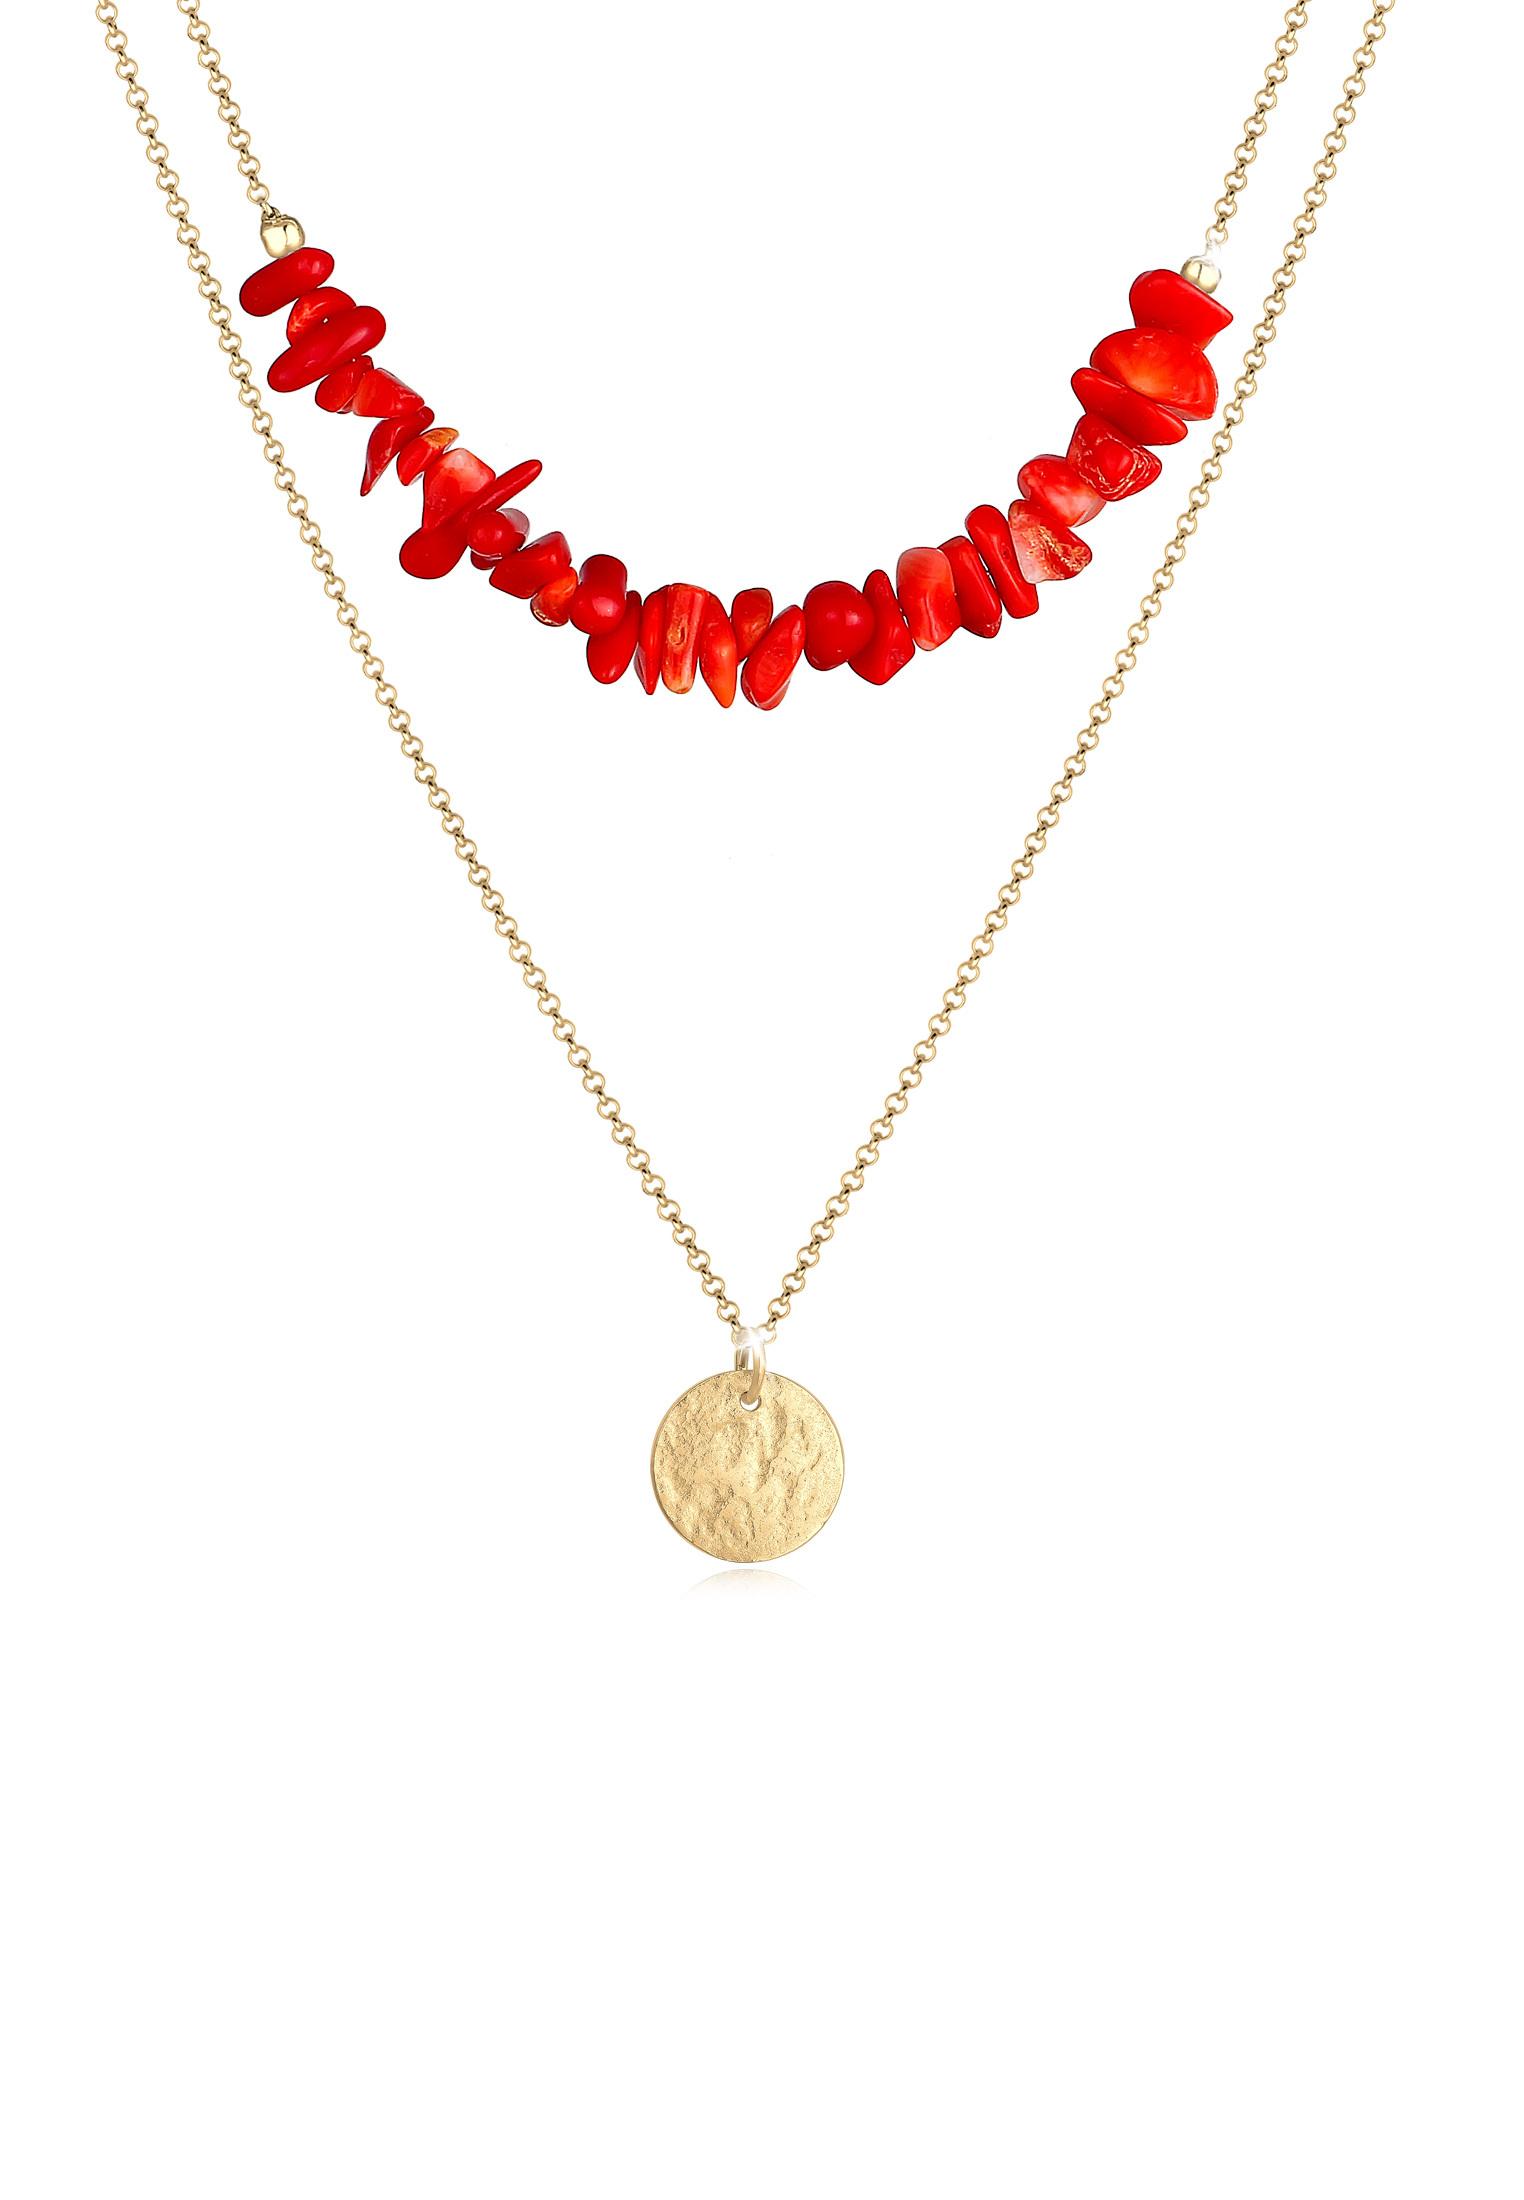 Layer-Halskette   Koralle ( Rot )   925 Sterling Silber vergoldet